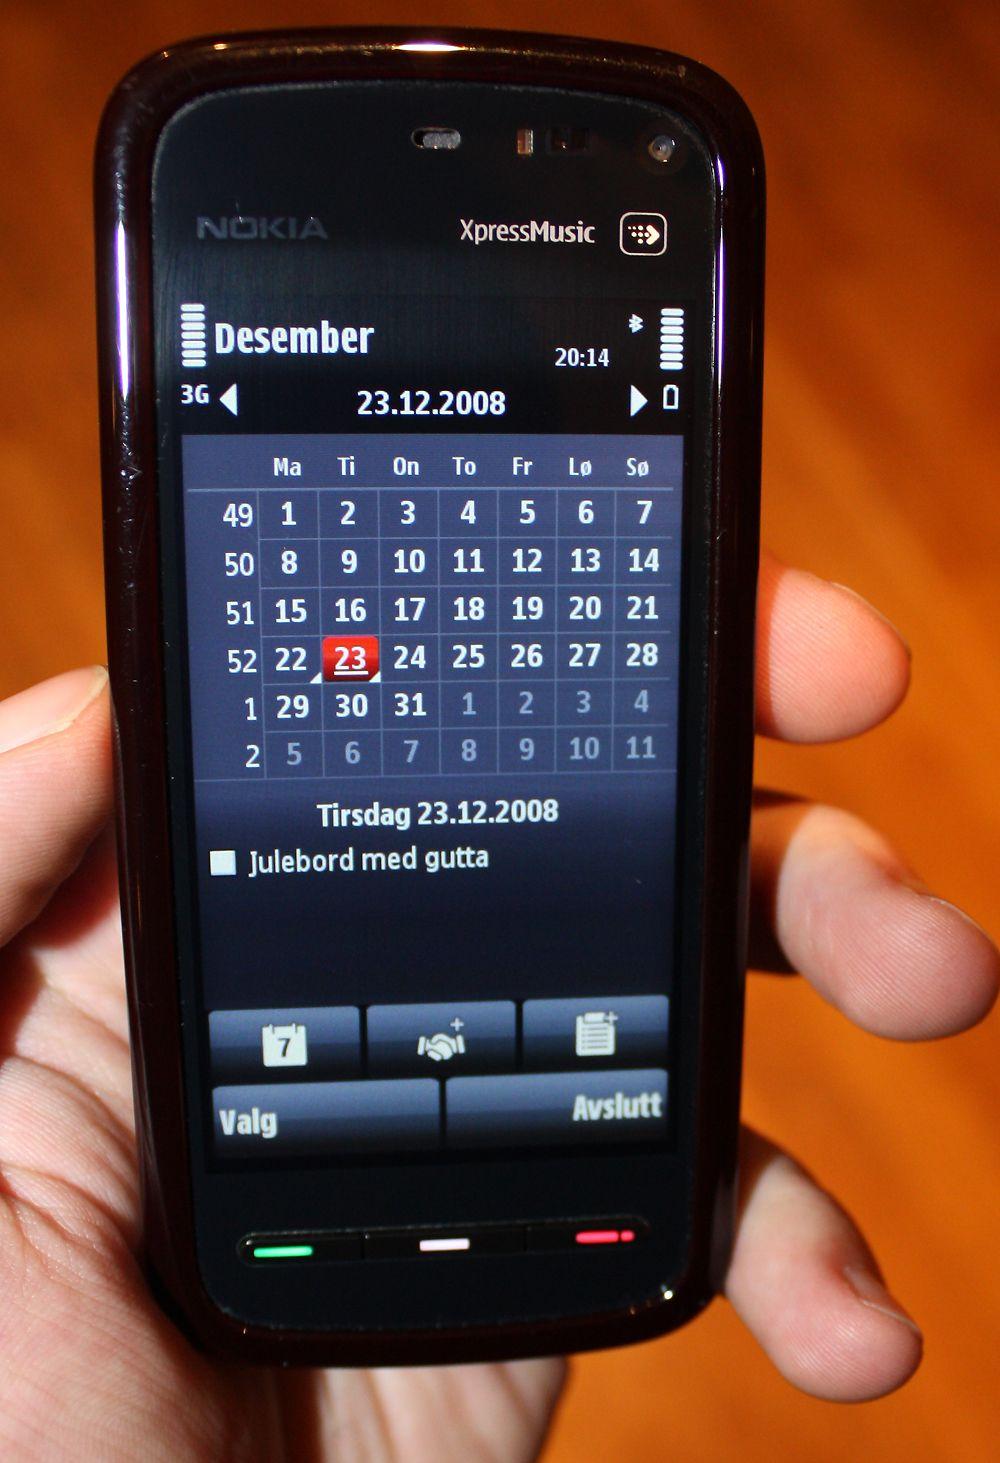 Kalenderen er i prinsippet den samme som på andre telefoner med S60.